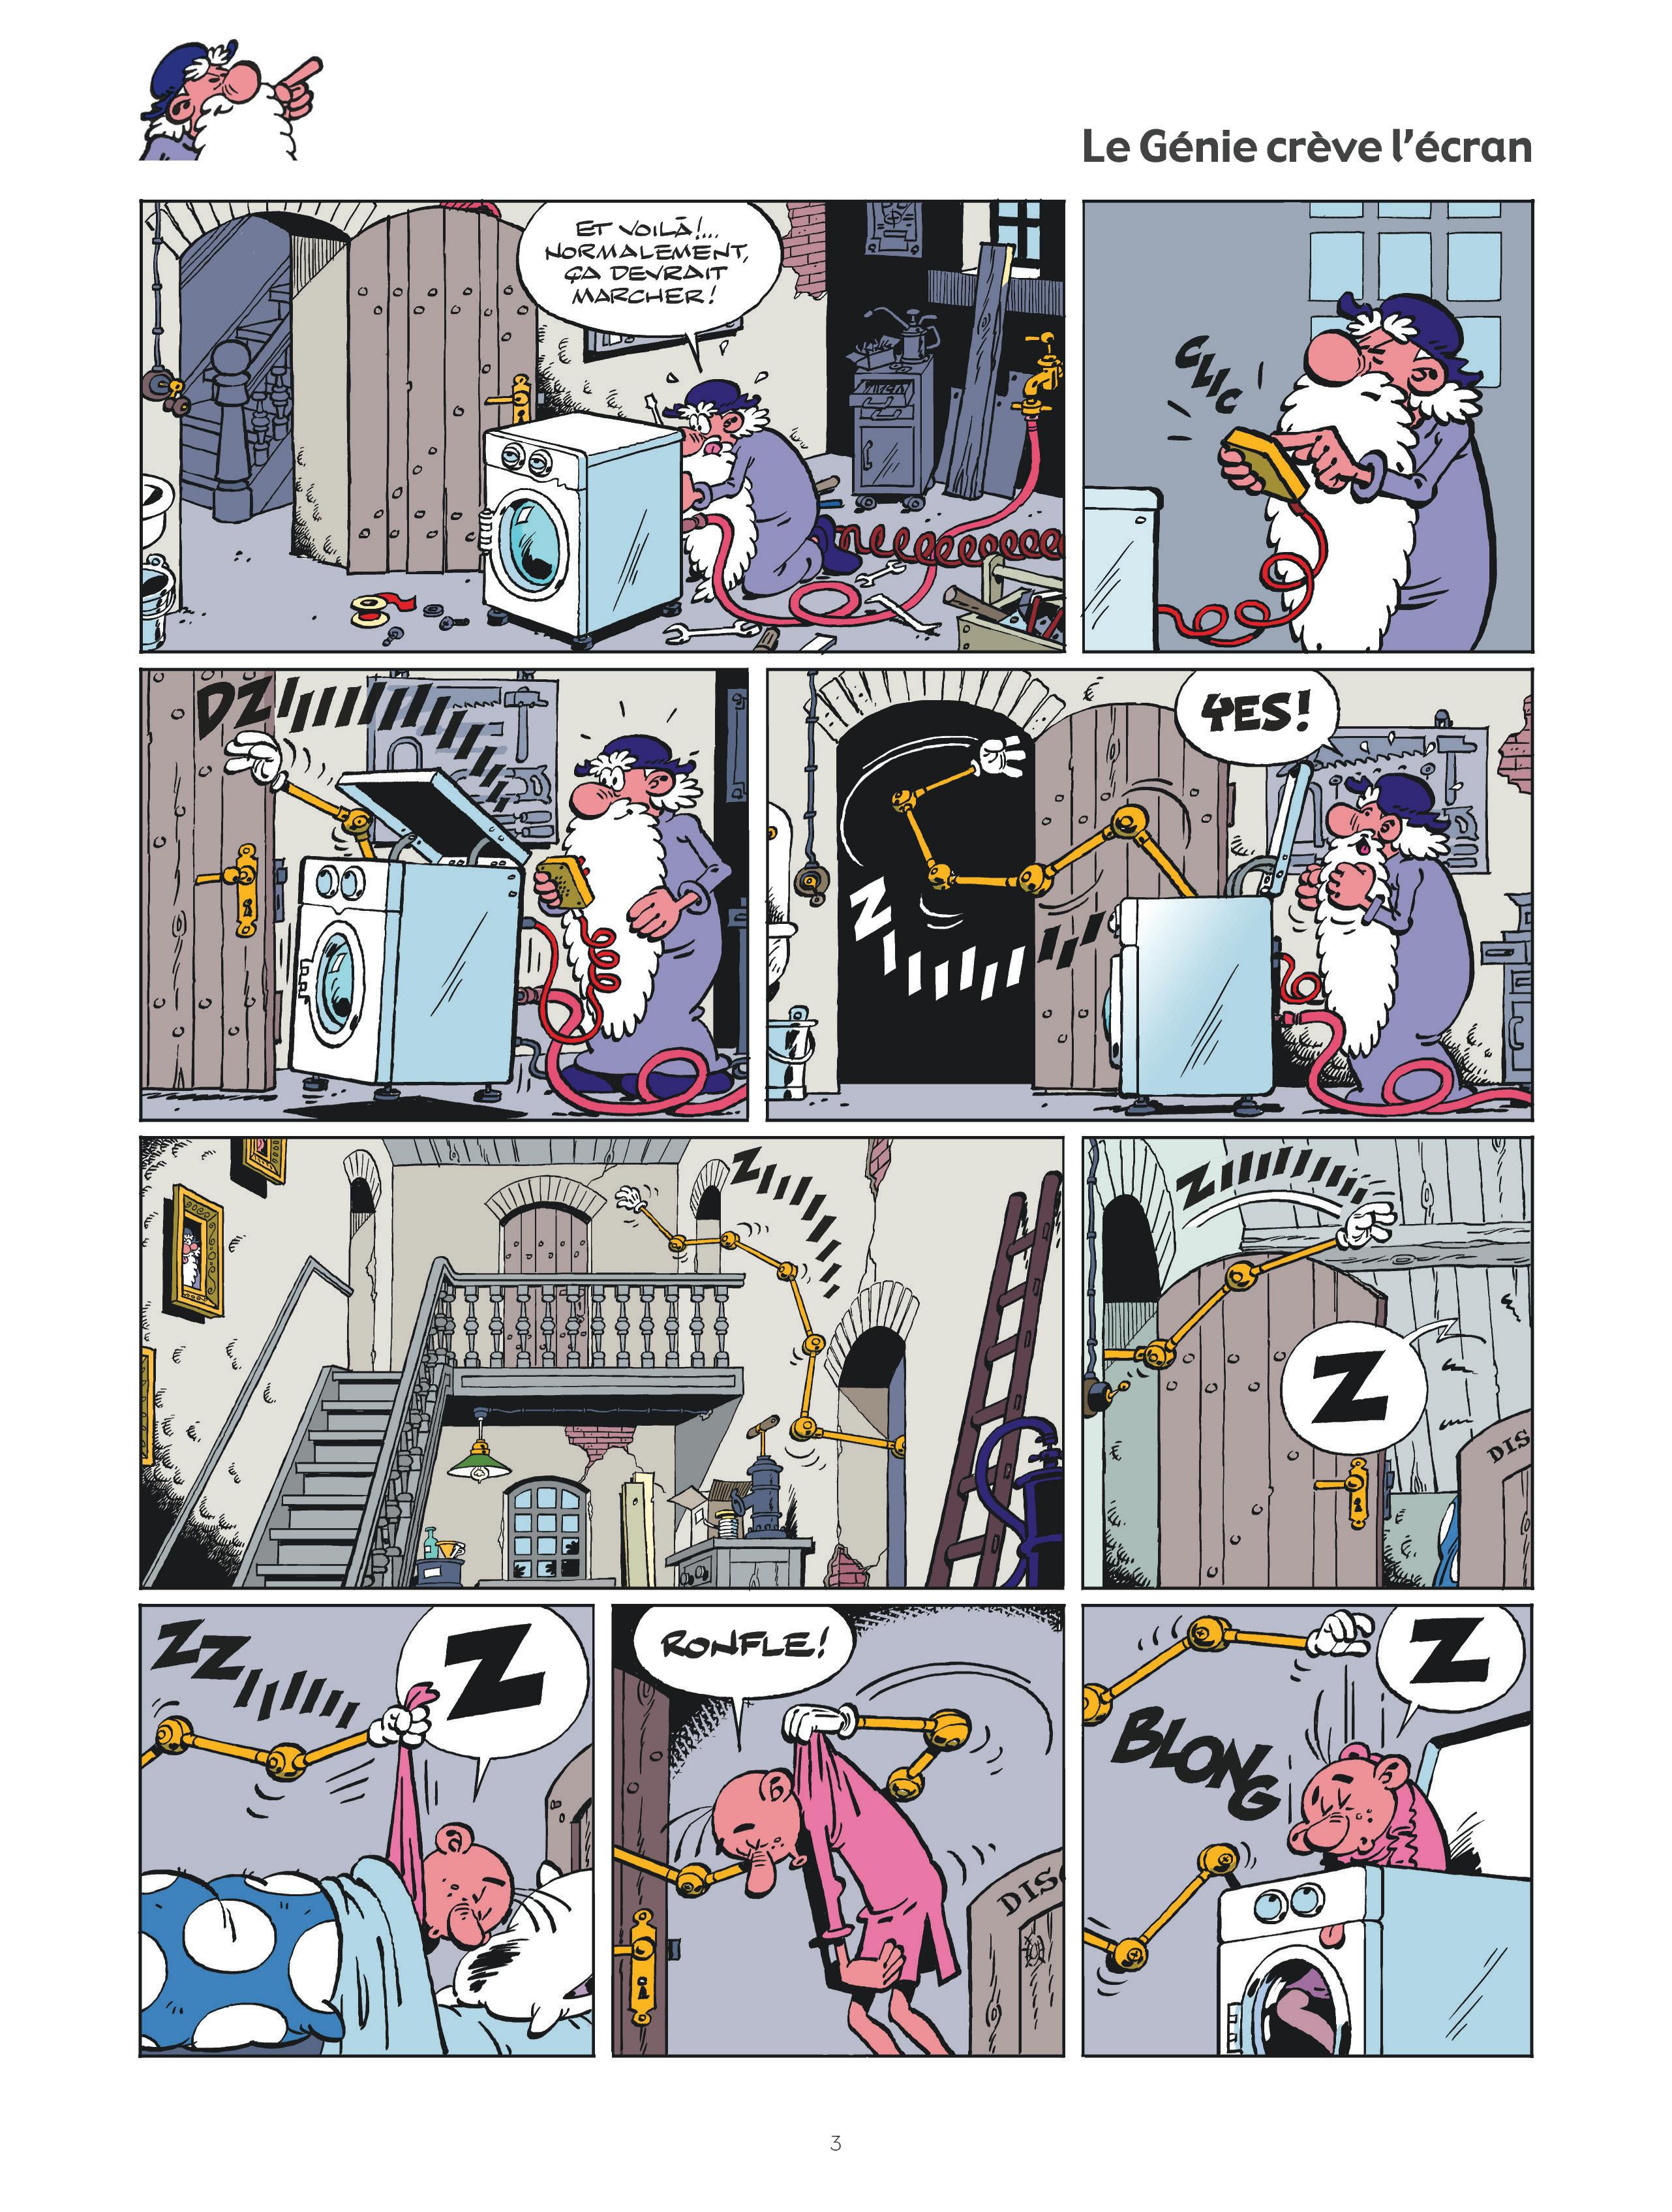 Léonard #46 - Le génie crève l'écran - Le Lombard